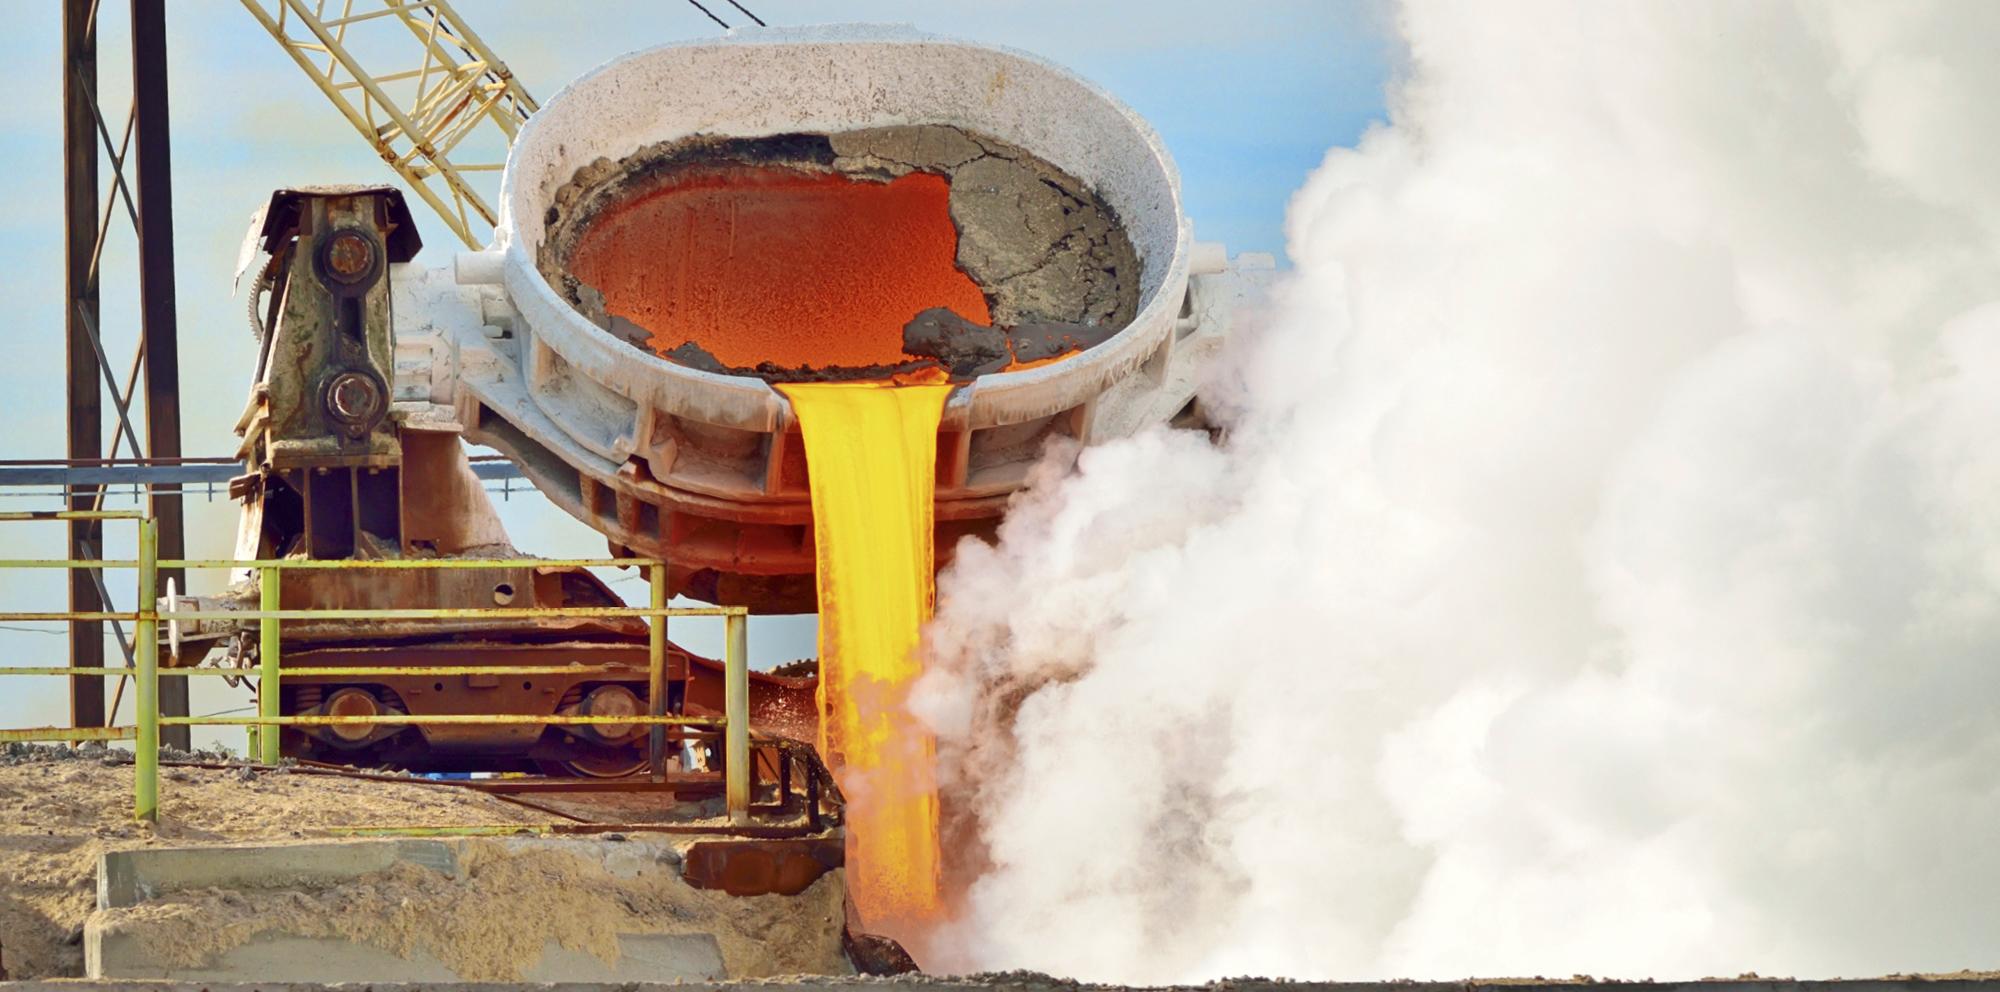 Materiaalien tarve kasvaa yhä, etenkin Aasiassa. Kierrätysteollisuus ei päihitä kaivosteollisuutta uusioraaka-aineiden tuotannolla edes 50 vuodessa.